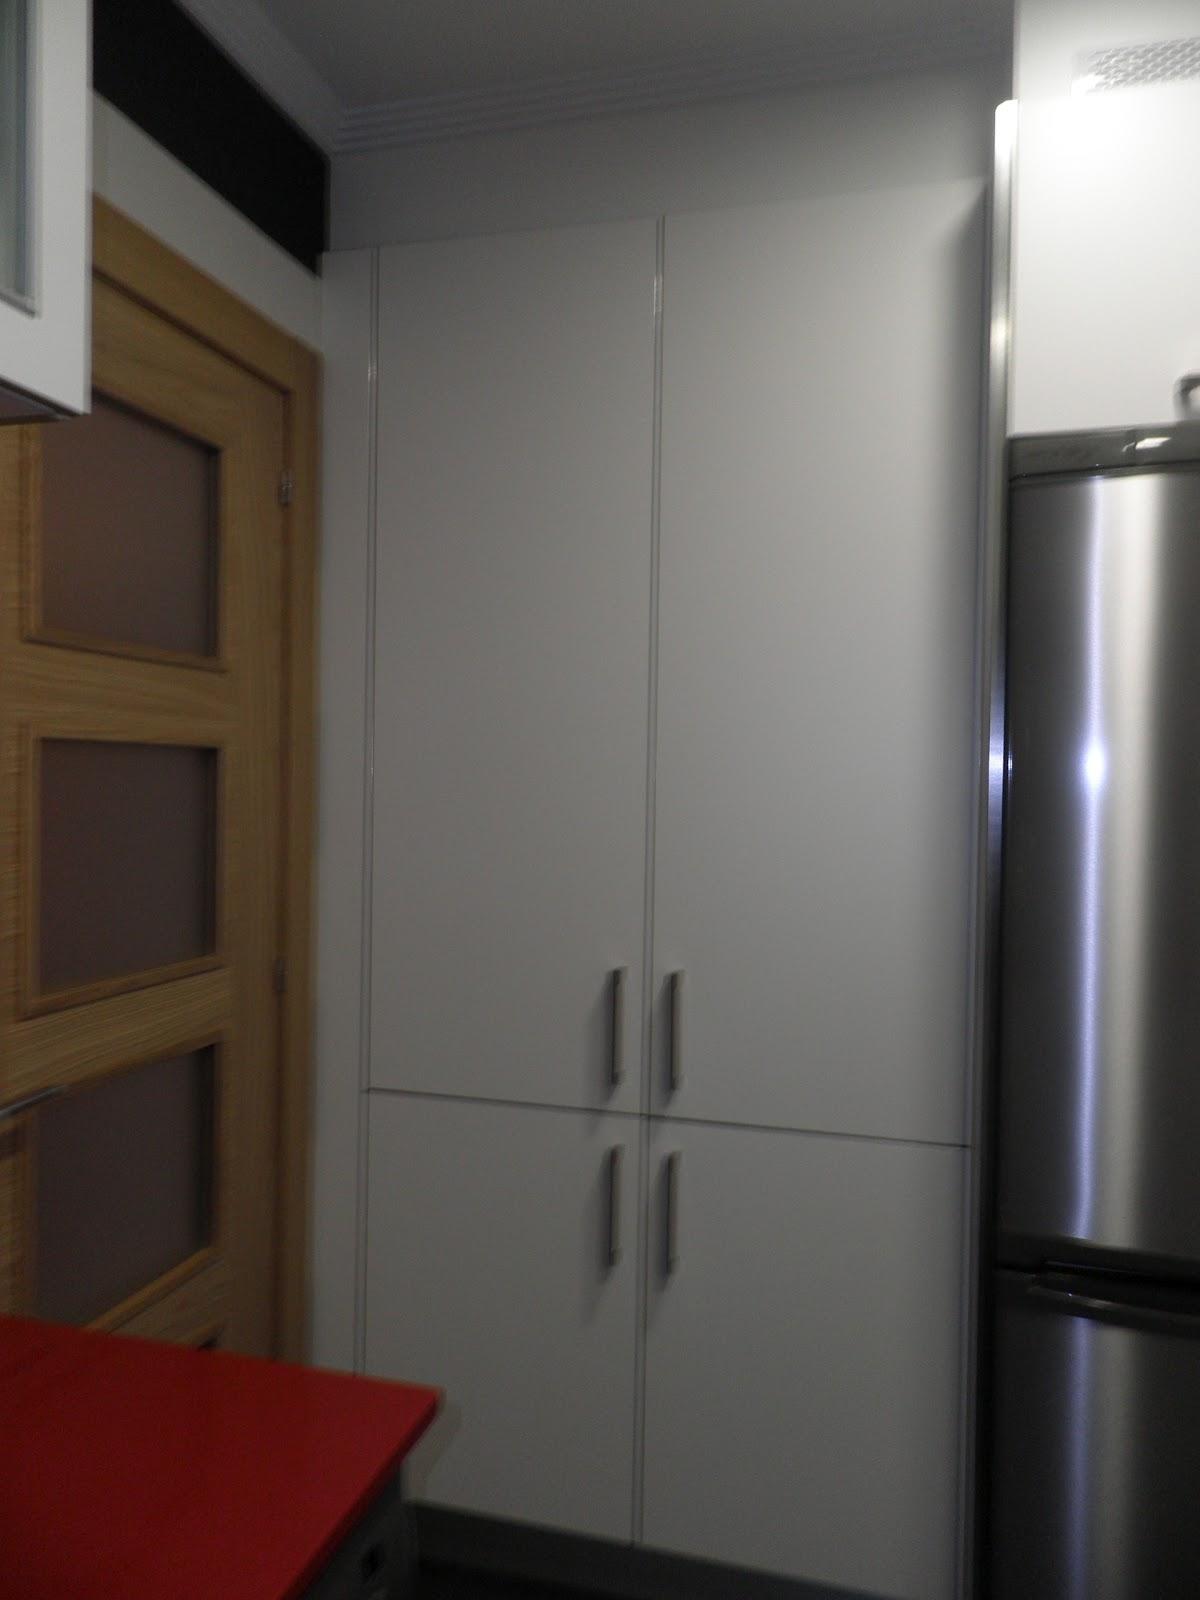 Interiorismo y decoracion lola torga dise o de una cocina - Alicatar cocina detras muebles ...